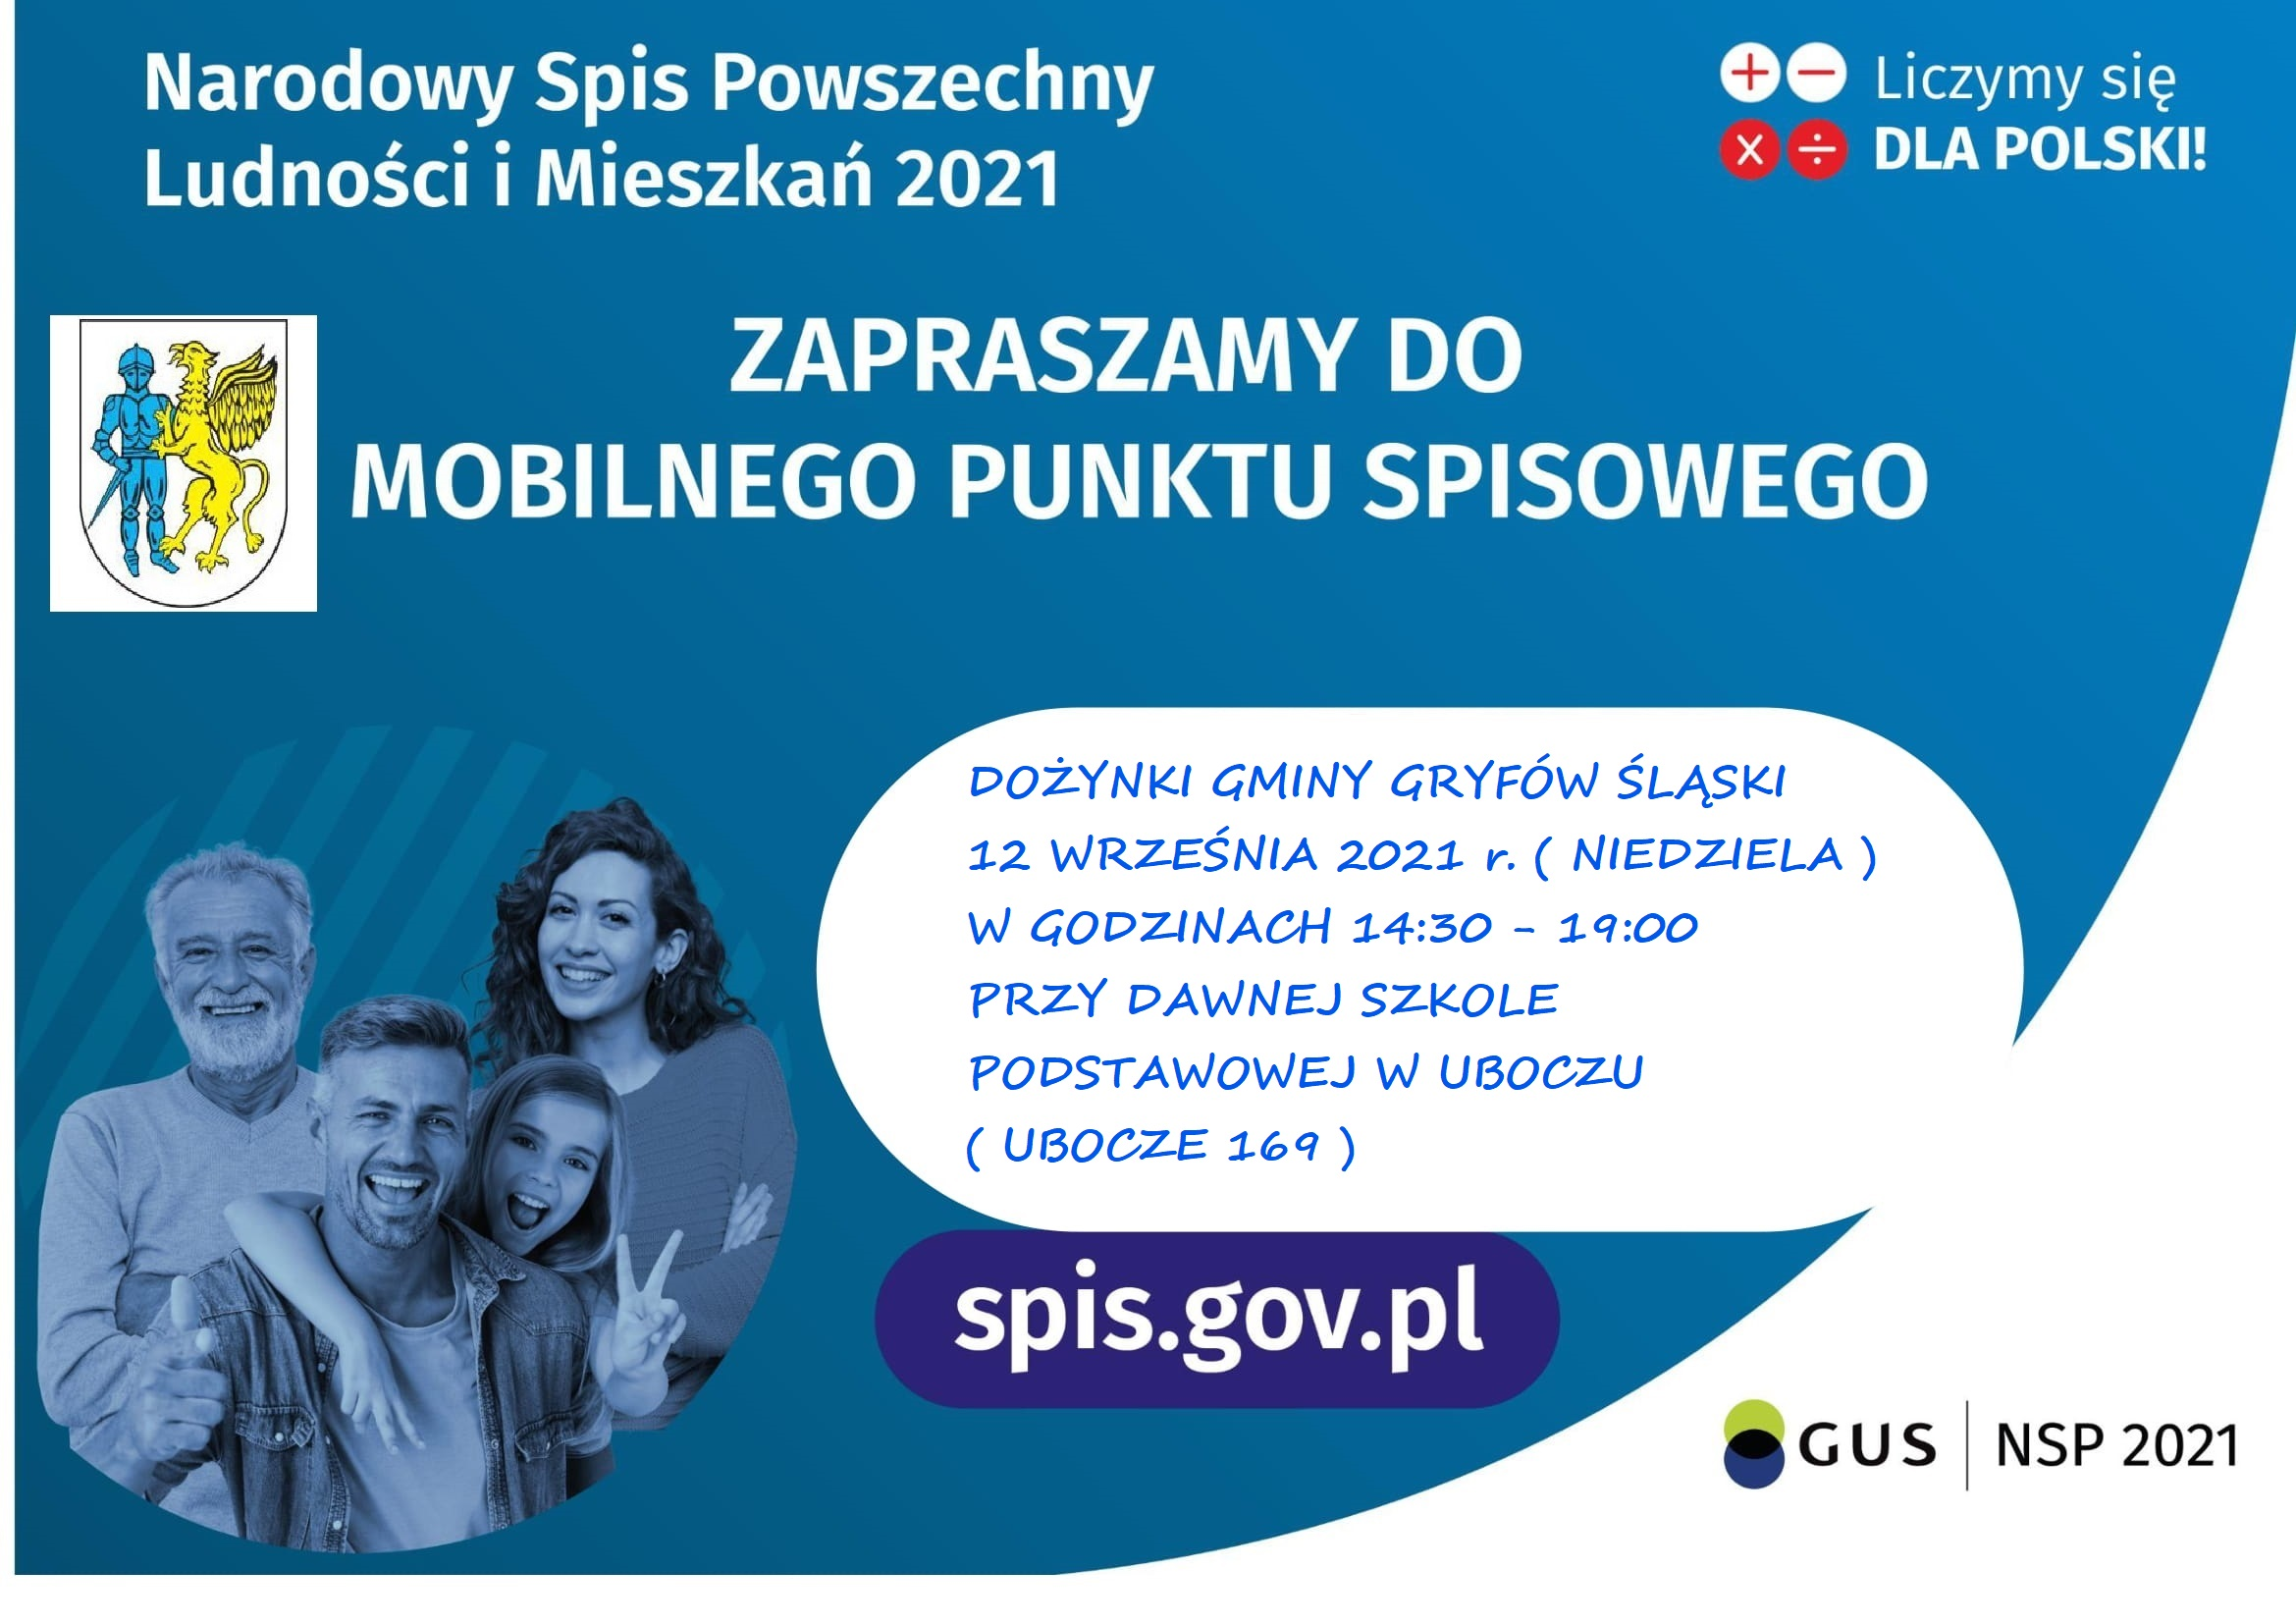 Weź udział w Narodowym Spisie Powszechnym w trakcie Dożynek Gminy Gryfów Śląski.